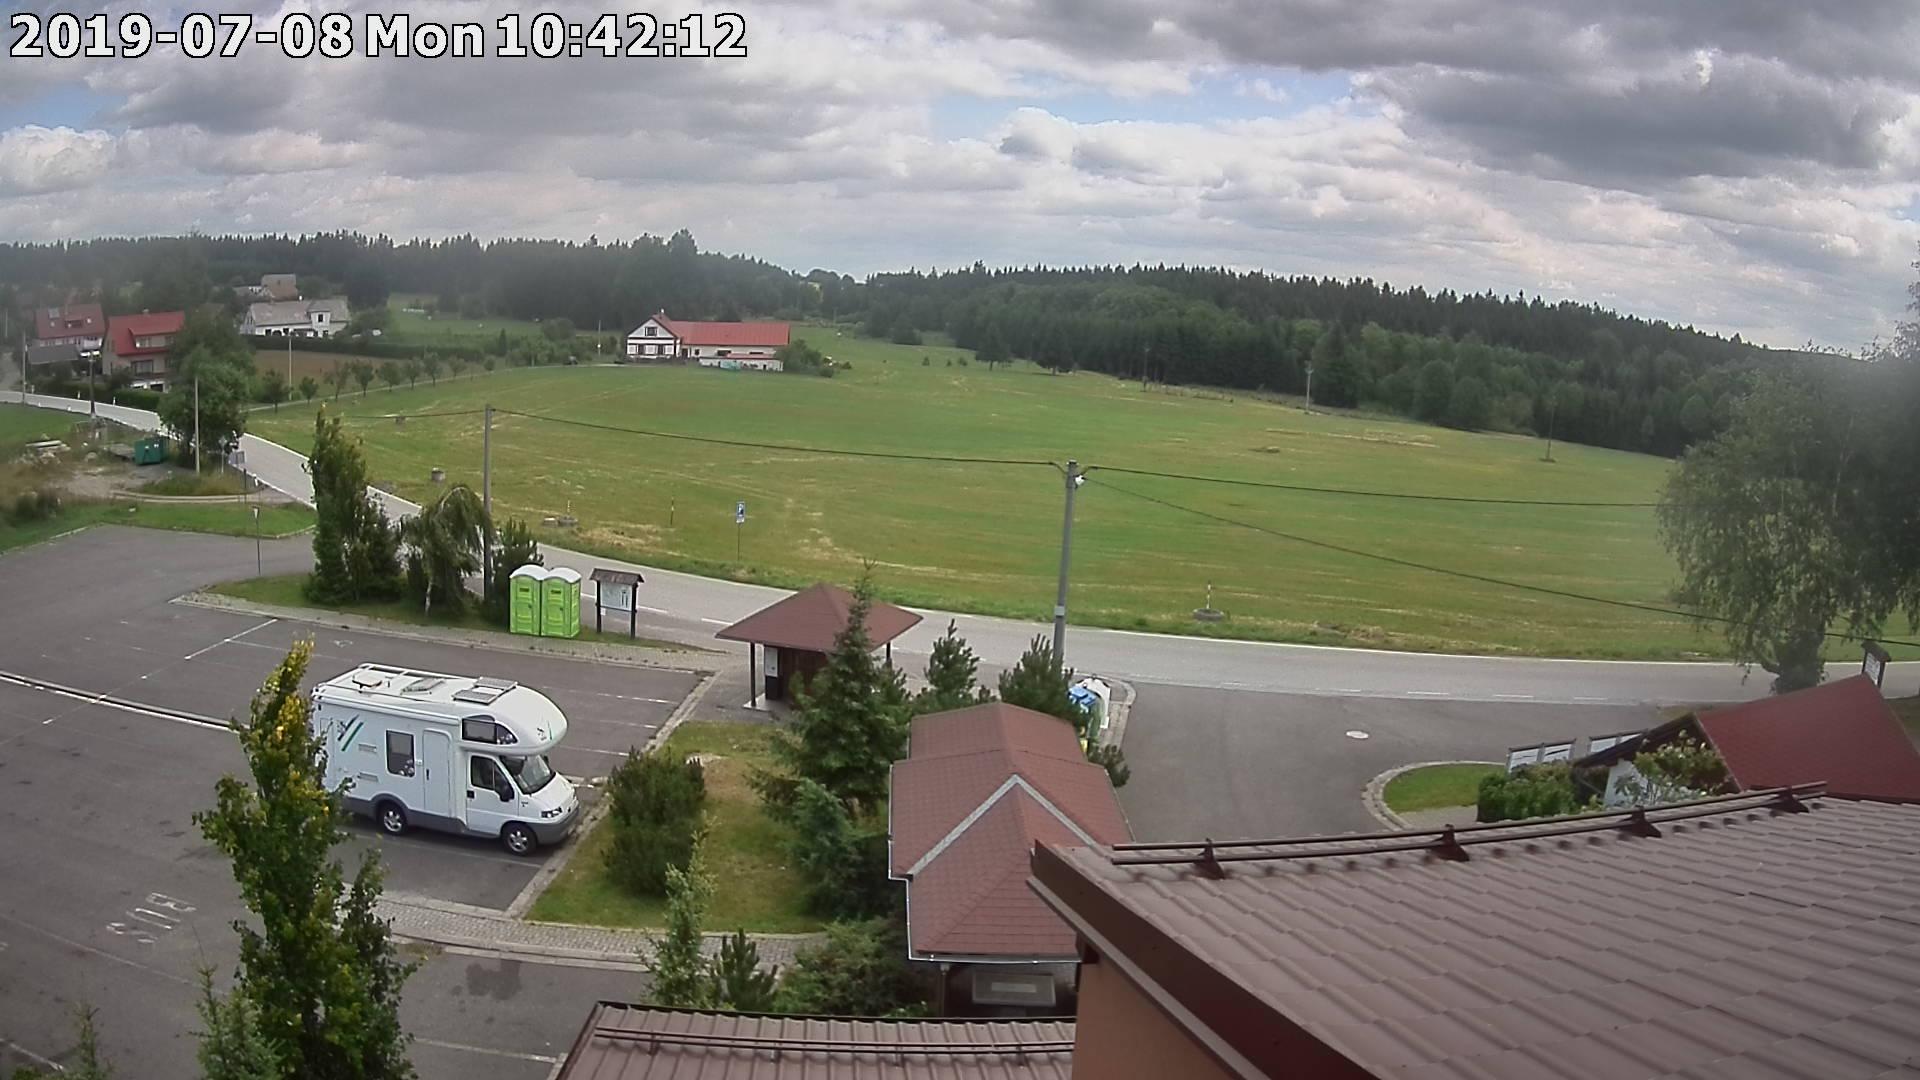 Webkamera ze dne 2019-07-08